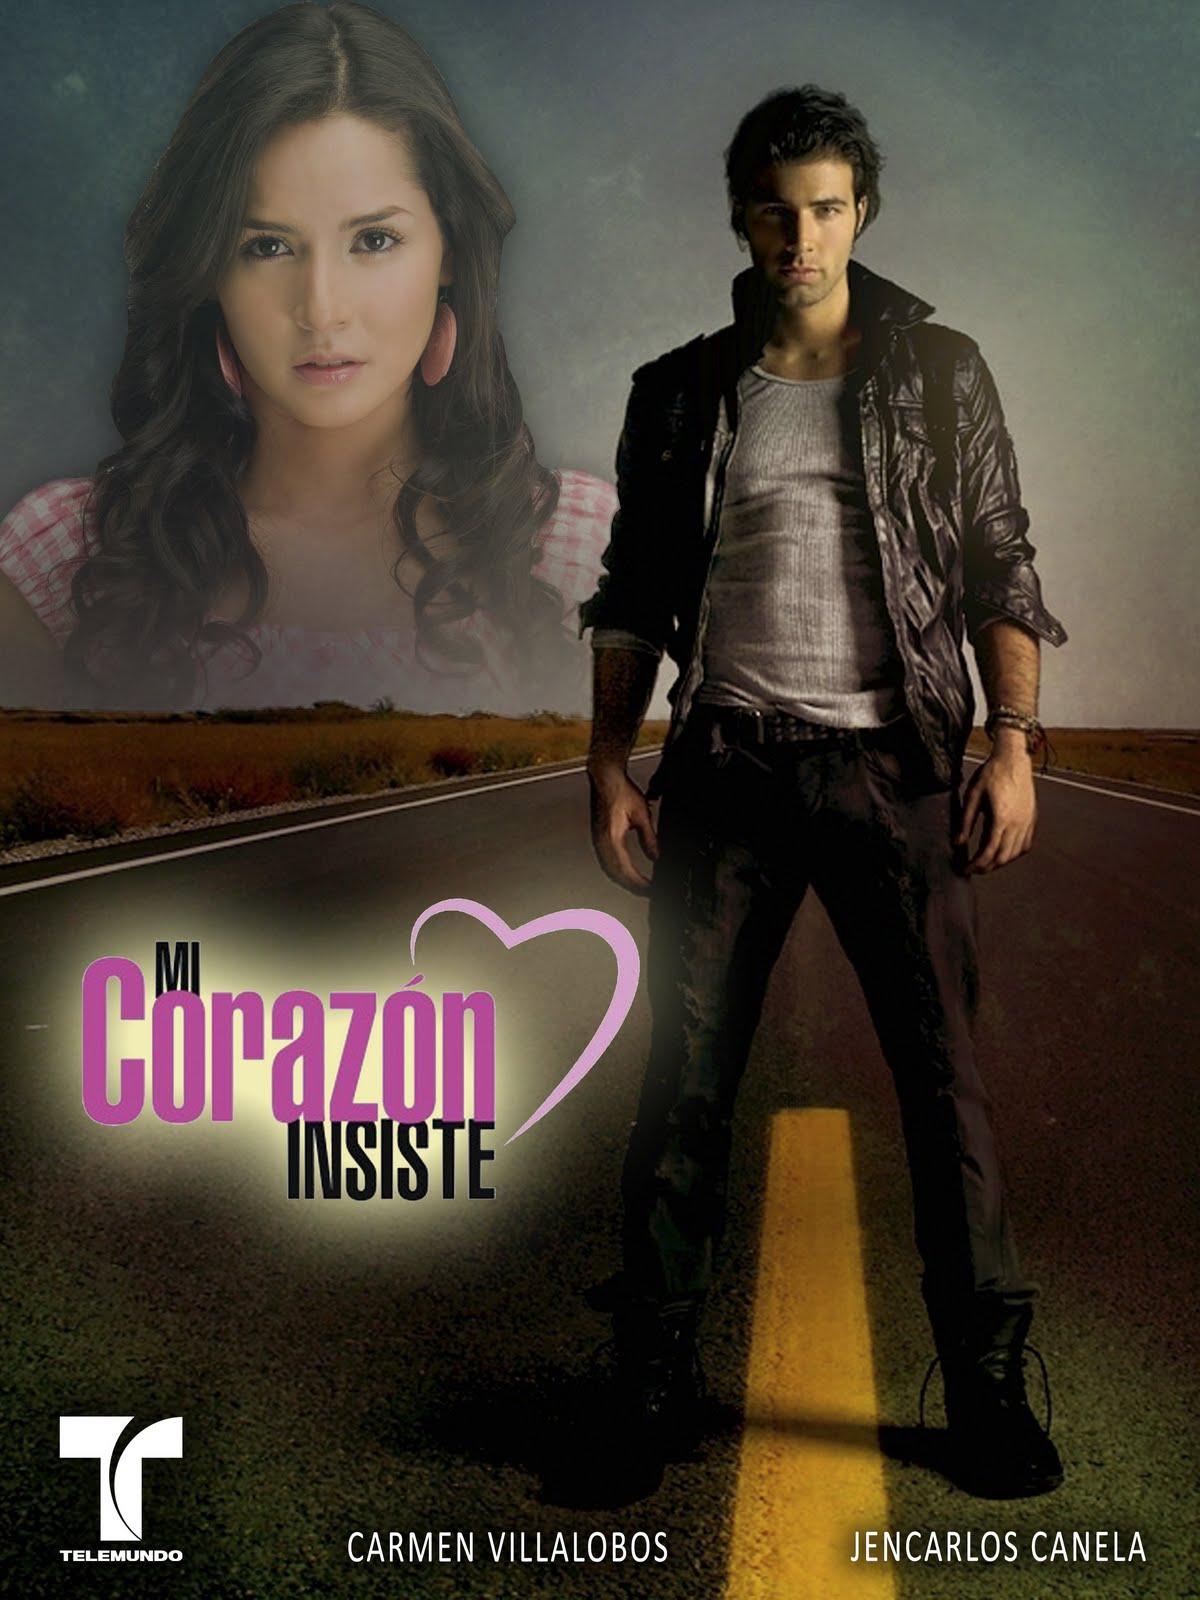 Nuevo poster de la telenovela Mi corazón insiste